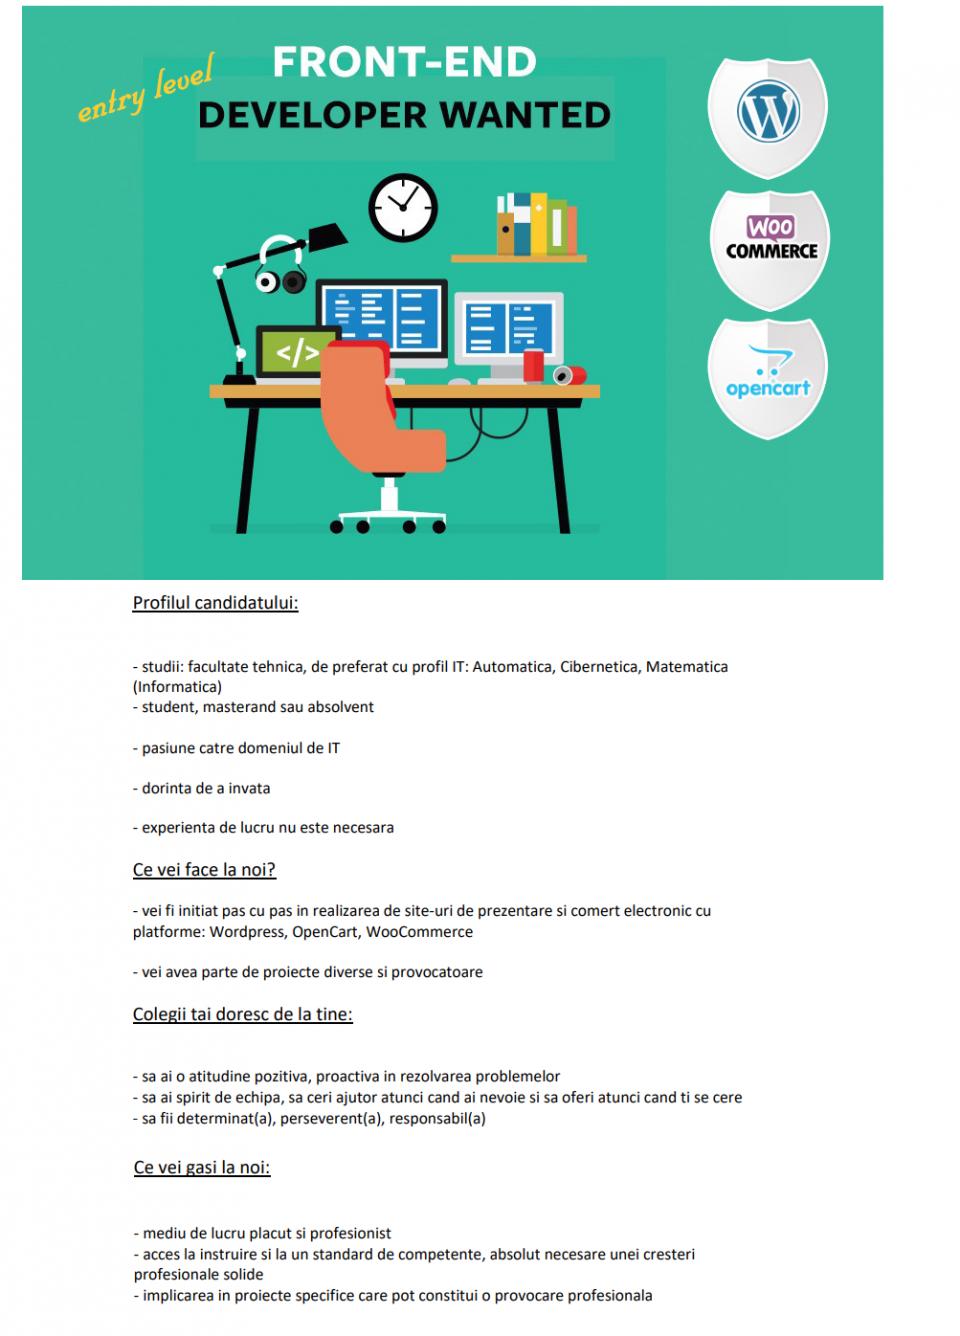 Profilul candidatului: - studii: facultate tehnica, de preferat cu profil IT: Automatica, Cibernetica, Matematica (Informatica) - student, masterand sau absolvent - pasiune catre domeniul de IT - dorinta de a invata - experienta de lucru nu este necesara Ce vei face la noi? - vei fi initiat pas cu pas in realizarea de site-uri de prezentare si comert electronic cu platforme: Wordpress, OpenCart, WooCommerce - vei avea parte de proiecte diverse si provocatoare Colegii tai doresc de la tine: - sa ai o atitudine pozitiva, proactiva in rezolvarea problemelor - sa ai spirit de echipa, sa ceri ajutor atunci cand ai nevoie si sa oferi atunci cand ti se cere - sa fii determinat(a), perseverent(a), responsabil(a) Ce vei gasi la noi: - mediu de lucru placut si profesionist - acces la instruire si la un standard de competente, absolut necesare unei cresteri profesionale solide - implicarea in proiecte specifice care pot constitui o provocare profesionala  FivePlus Solutions este o companie IT in plina ascensiune, formata din specialisti cu o experienta de peste 10 ani in implementarea solutiilor performante, bazata pe o fundatie solida de competente si expertiza, specializata in implementarea de solutii creative, de inalta calitate, orientate mediului de afaceri.Avem resursele si competentele necesare pentru a excela in domenii prin care putem aduce valoare partenerilor nostri de afaceri: document management, CRM, arhivare si backup de continut, infrastructuri de comunicare electronica a informaţiilor,realizare website-uri profesionale si portaluri web, aplicatii web personalizate, solutii de invatamant la distanta, optimizare site-uri web, solutii si servicii care conduc spre un control mai eficient al proceselor, o crestere a calitatii serviciilor oferite si de performanta.Suntem implicati activ in satisfacerea cu promptitudine, responsabilitate, confidentialitate şi profesionalism a cerintelor specificate şi a asteptarilor clientilor nostri, urmarind continuu imbunatatirea 